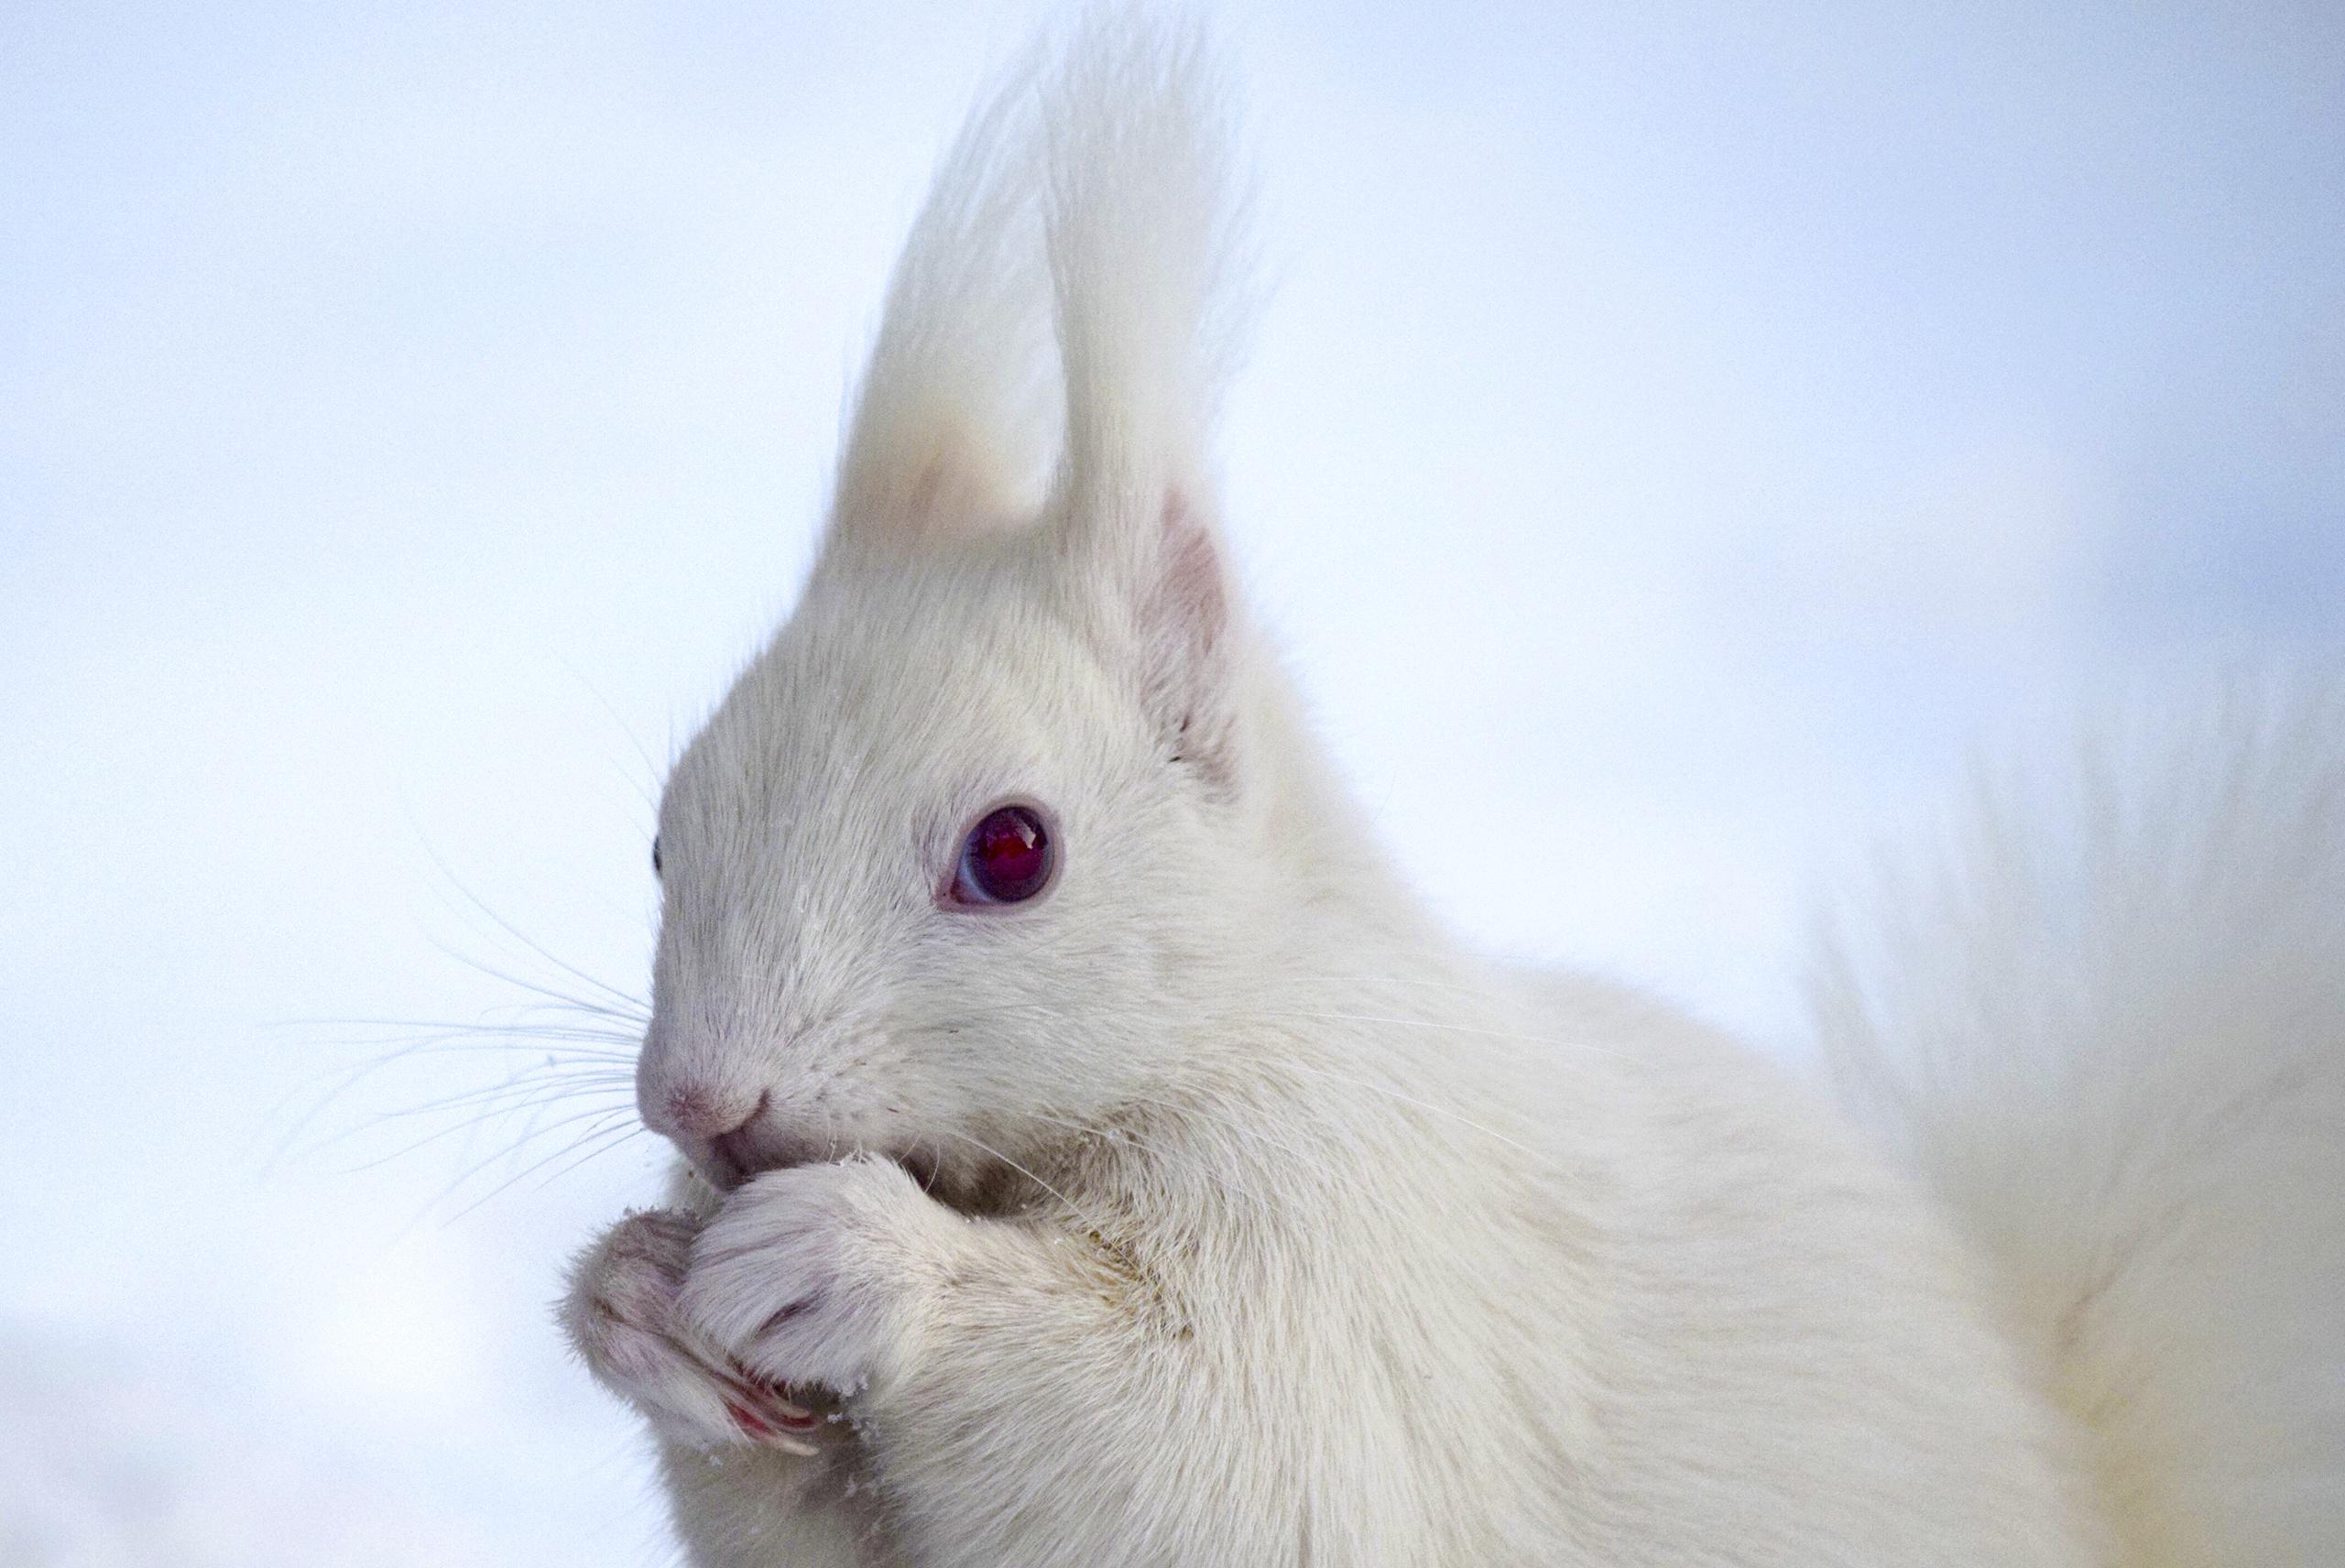 え!! 白いエゾリス!? 帯広畜産大学で珍しい姿が確認され話題に